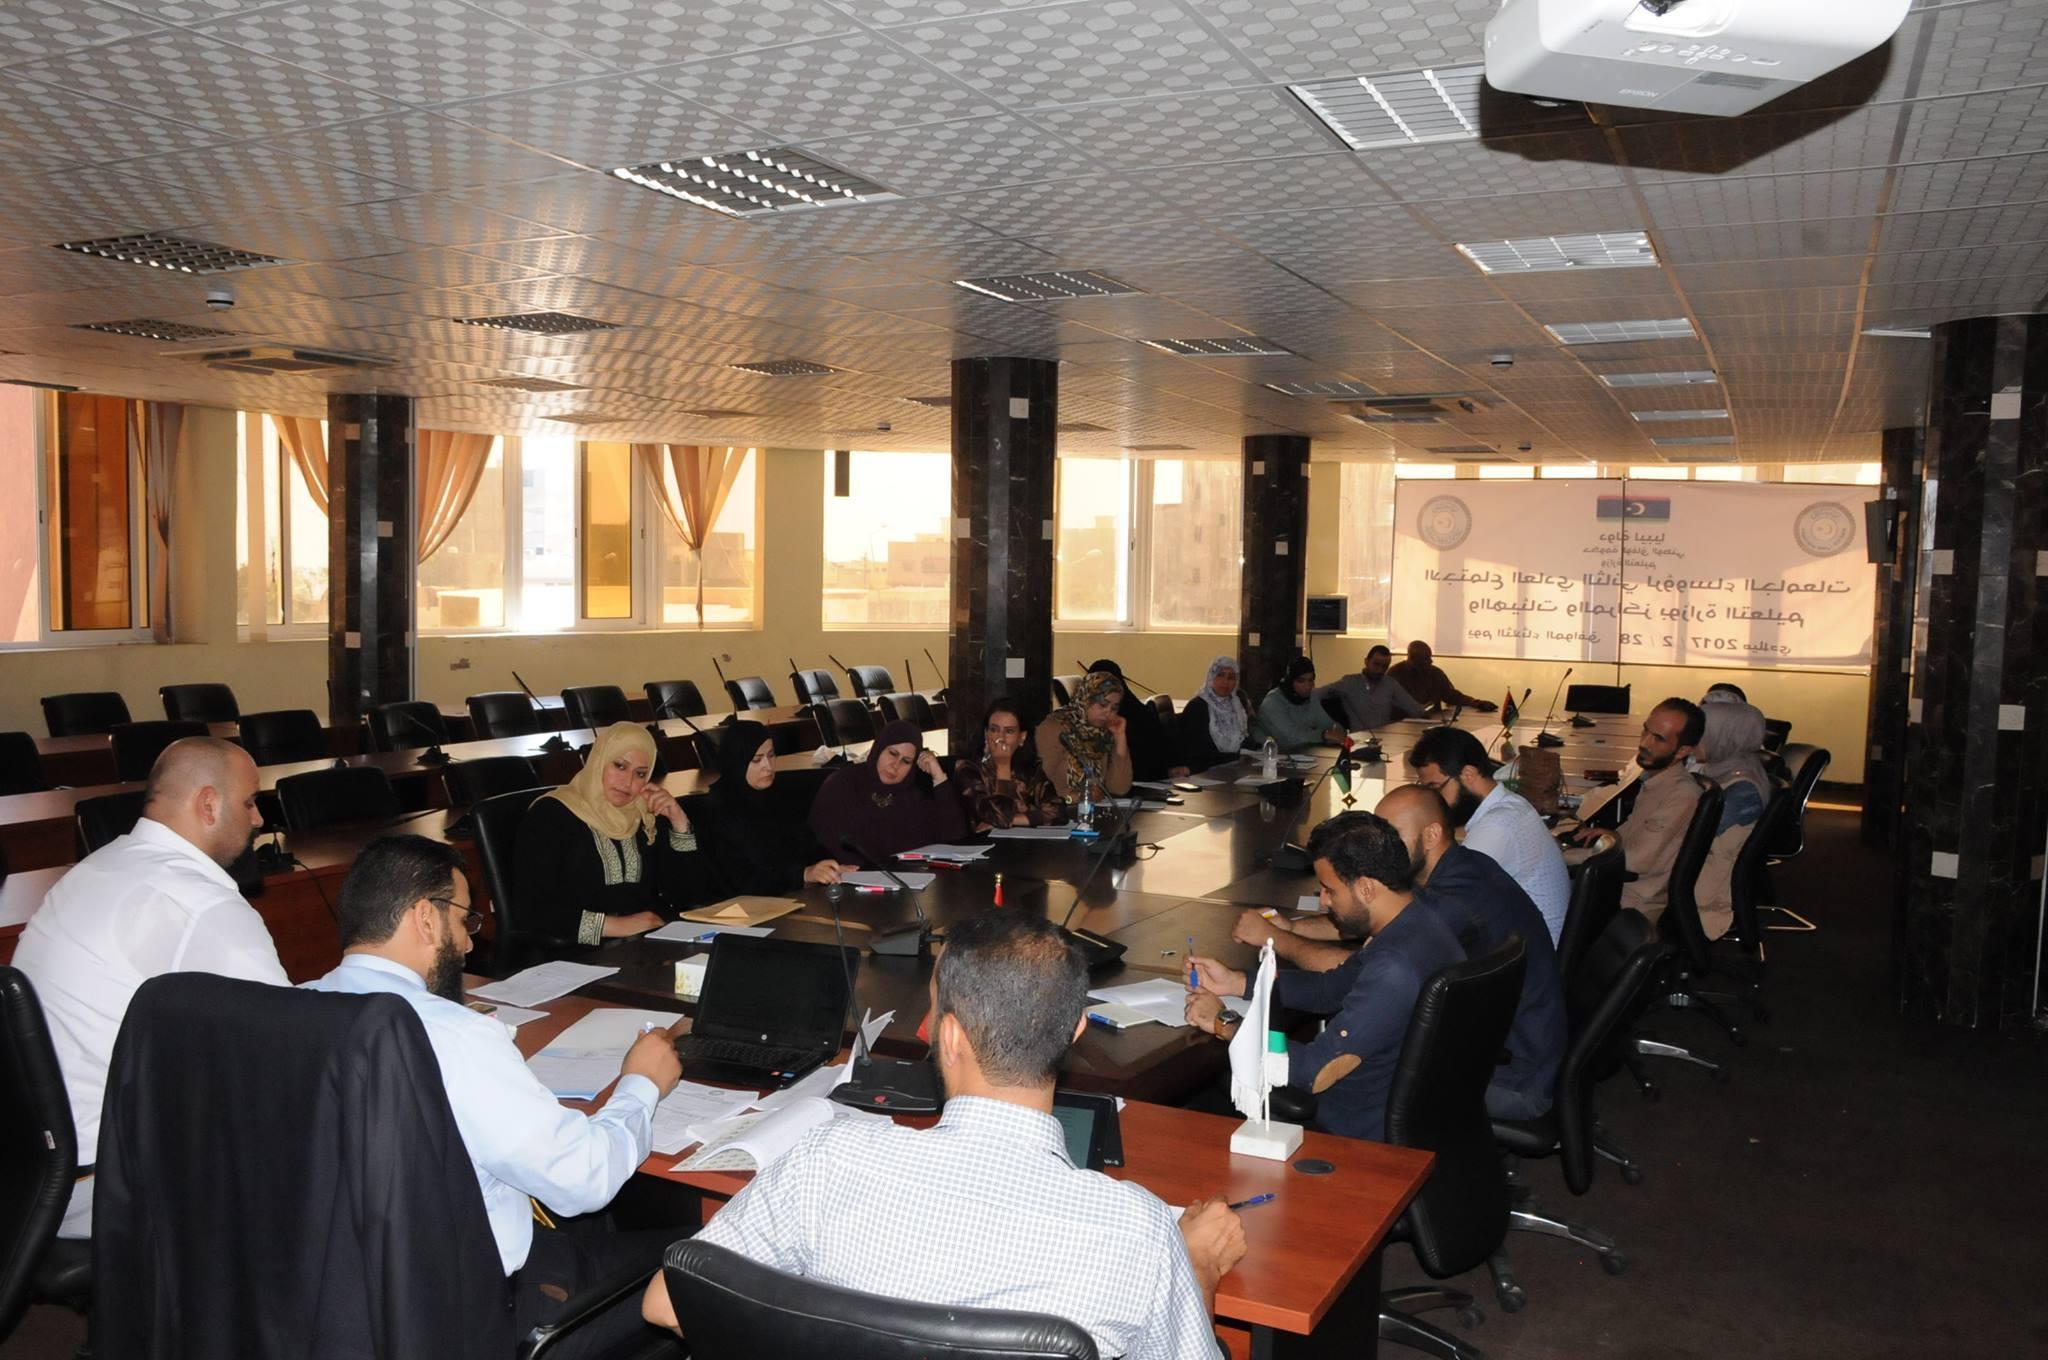 إدارة التدريب تنظم ورشة عمل حول هيئة التدريس